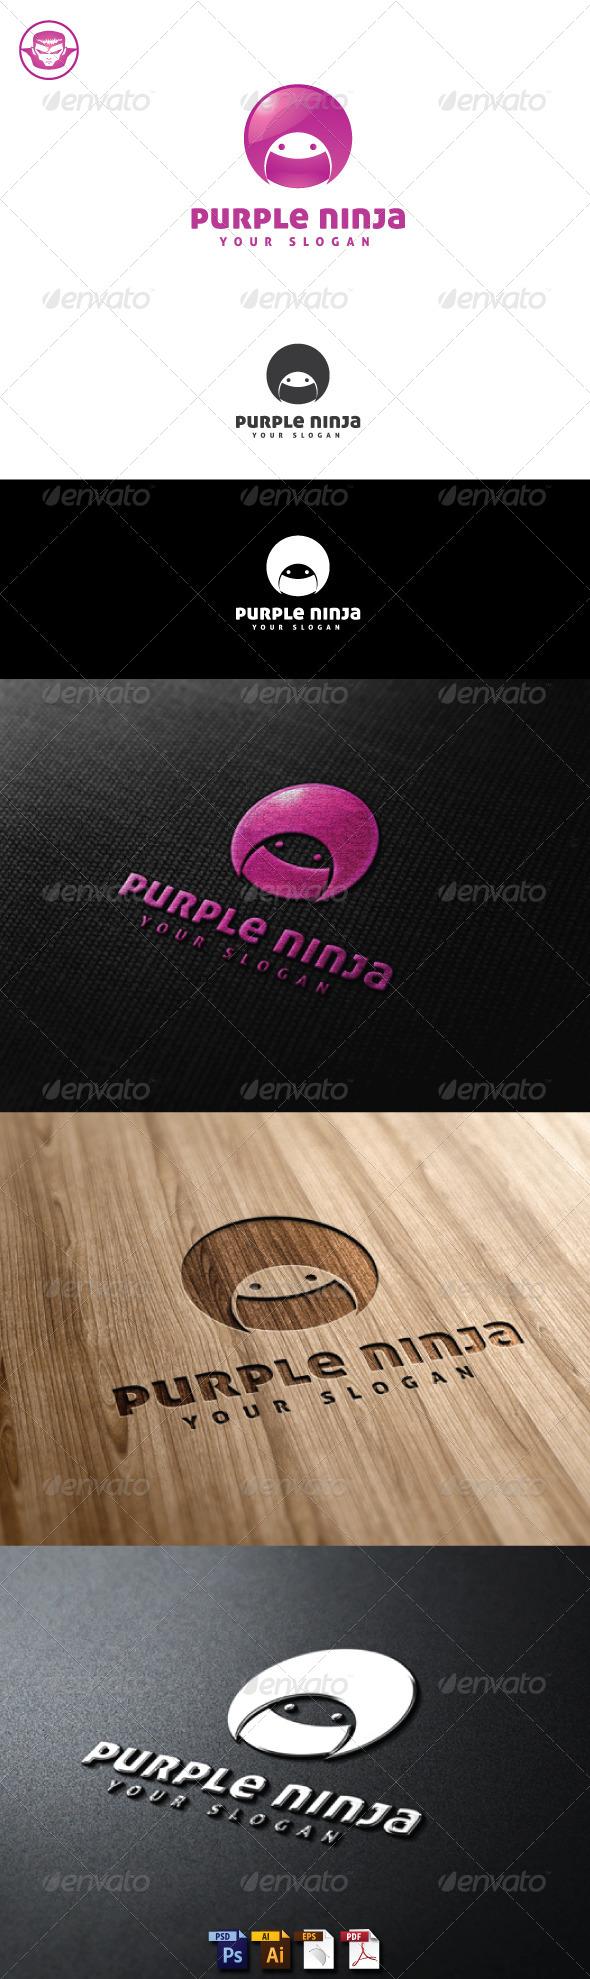 GraphicRiver Purple Ninja Logo Template 5150214